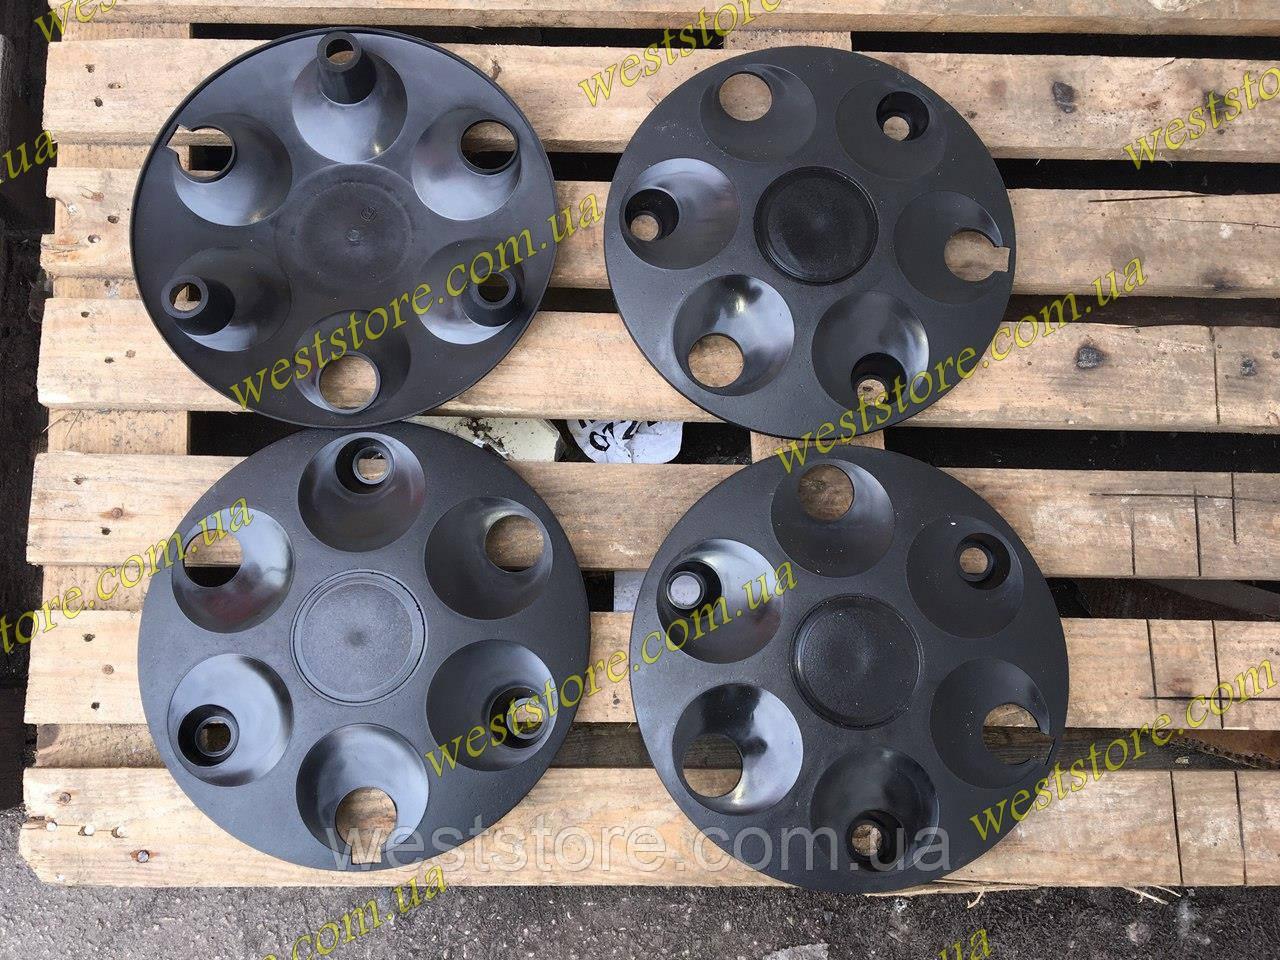 Колпаки колесные заз 1102 1103 таврия славута черные